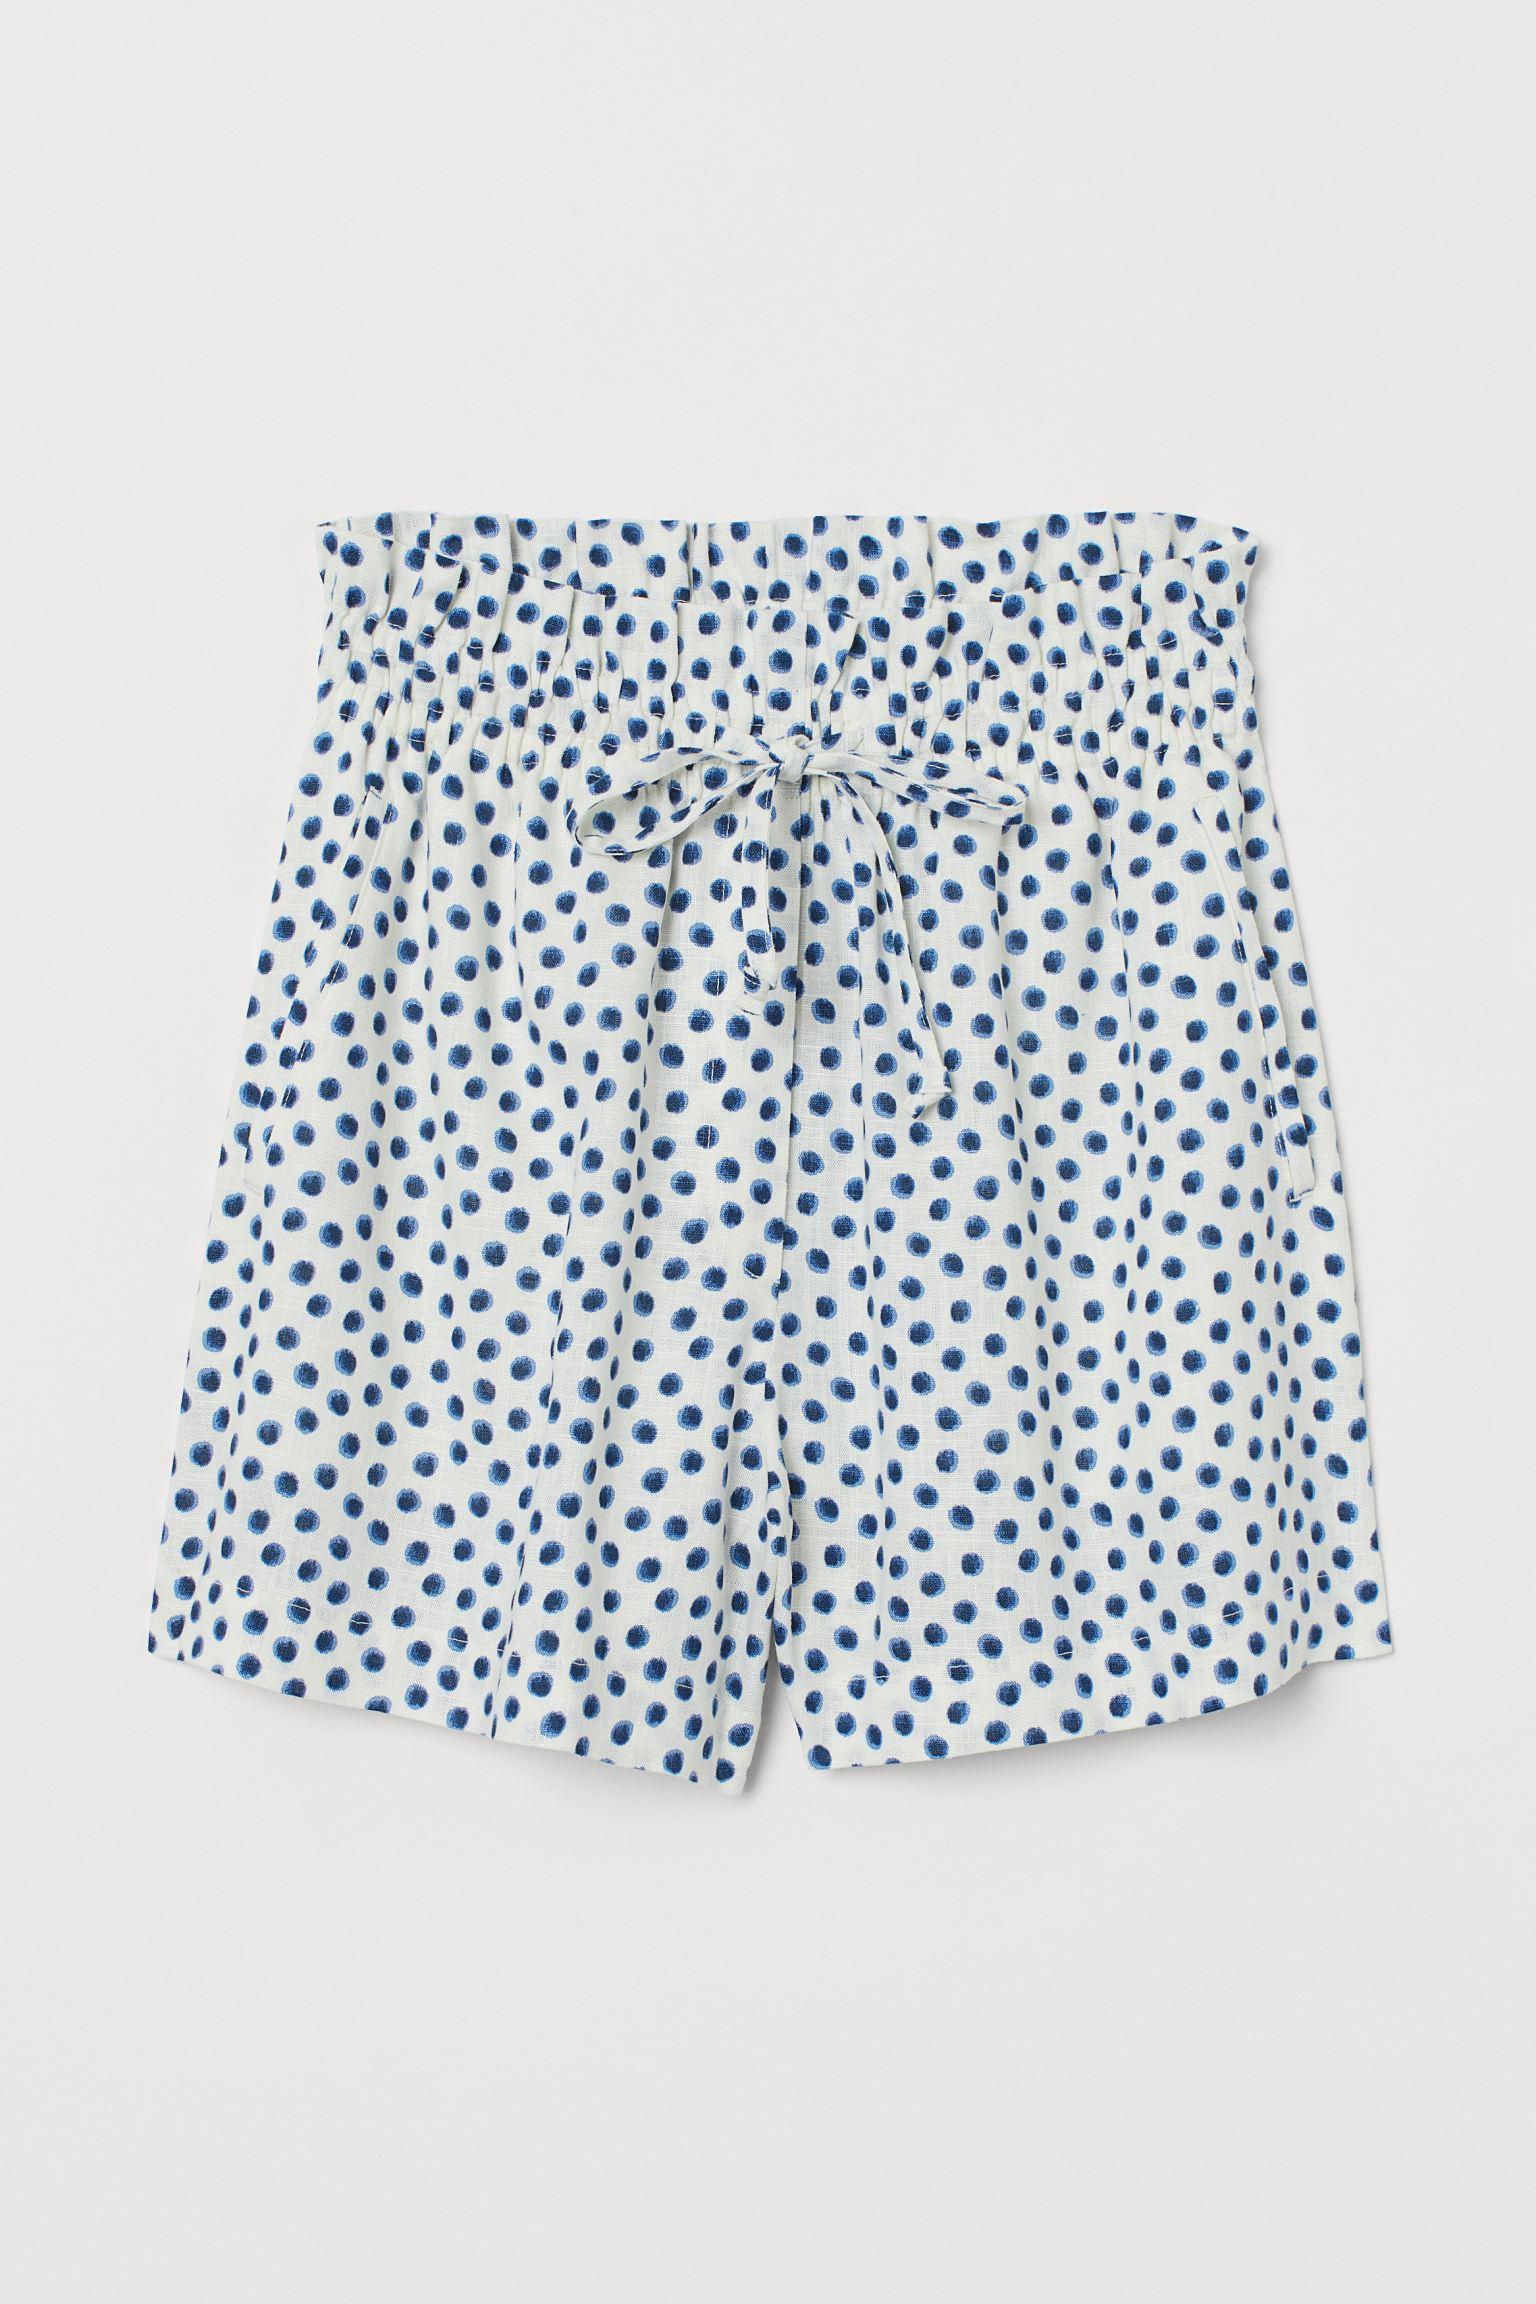 Pantalón corto en mezcla de lino y viscosa. Modelo de talle alto con cierre decorativo, cintura elástica de volantes con cordón de ajuste y bolsillos al bies.